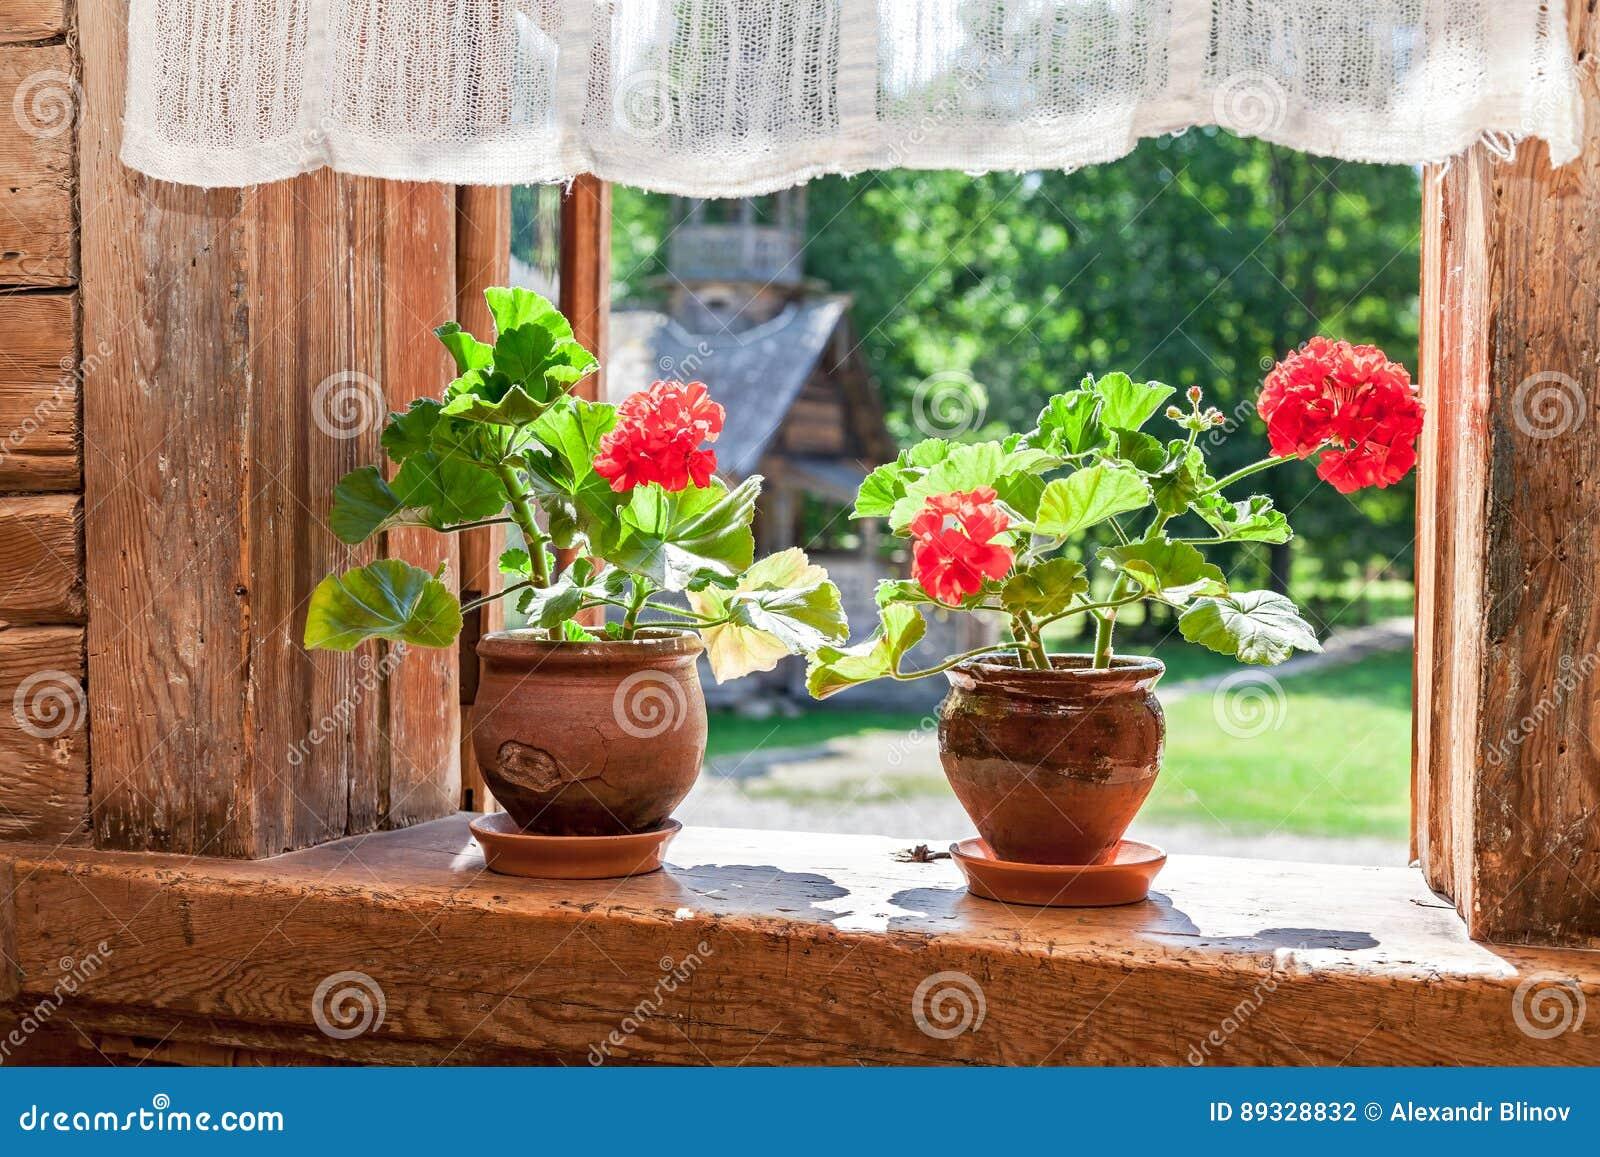 Fleurs Rouges De Géranium Sur La Fenêtre De La Vieille Maison En Bois Rurale